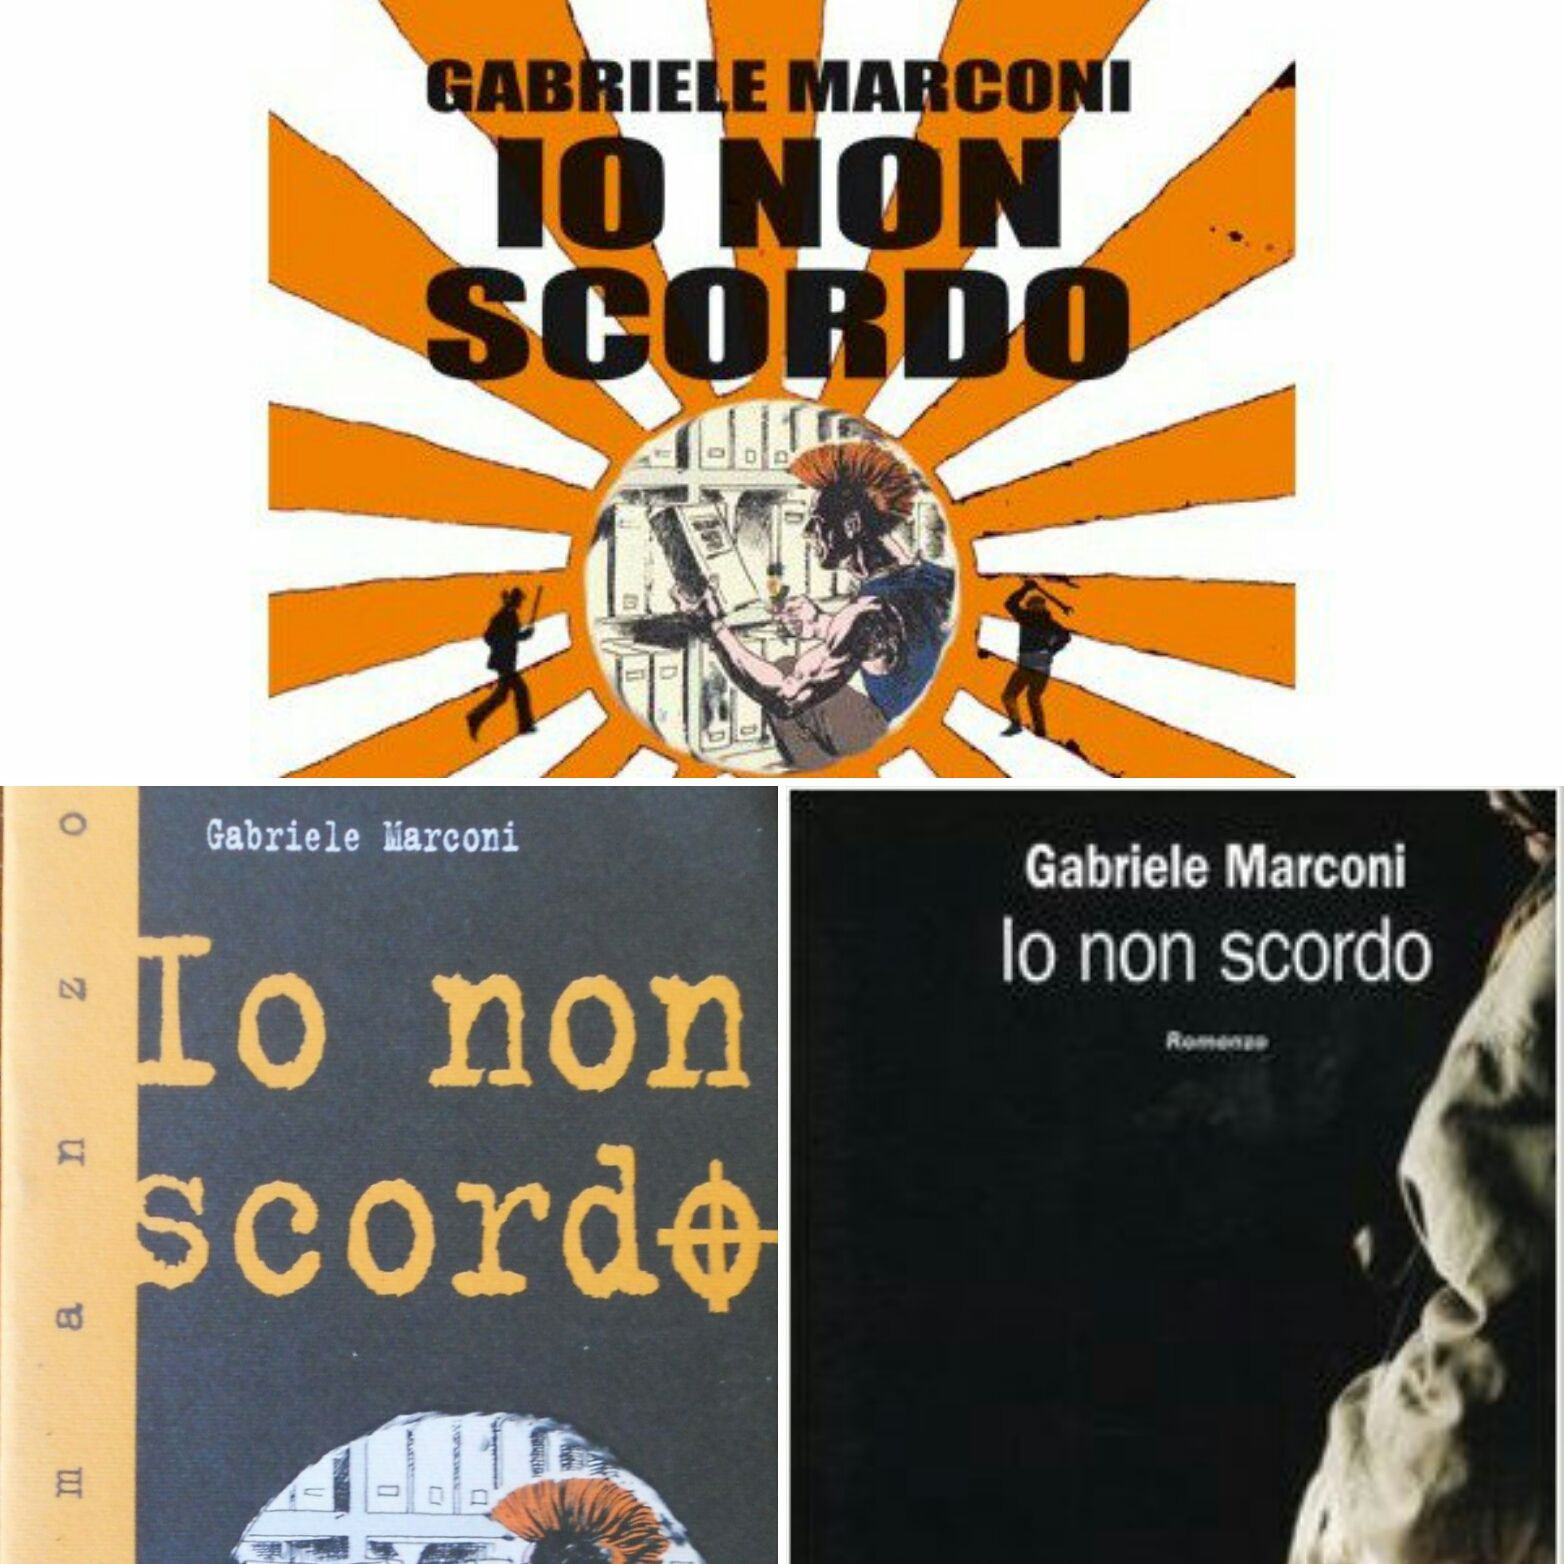 """""""Io non scordo"""" di Gabriele Marconi, e voi non vi scordate di prenderlo (prima che sparisca!)"""